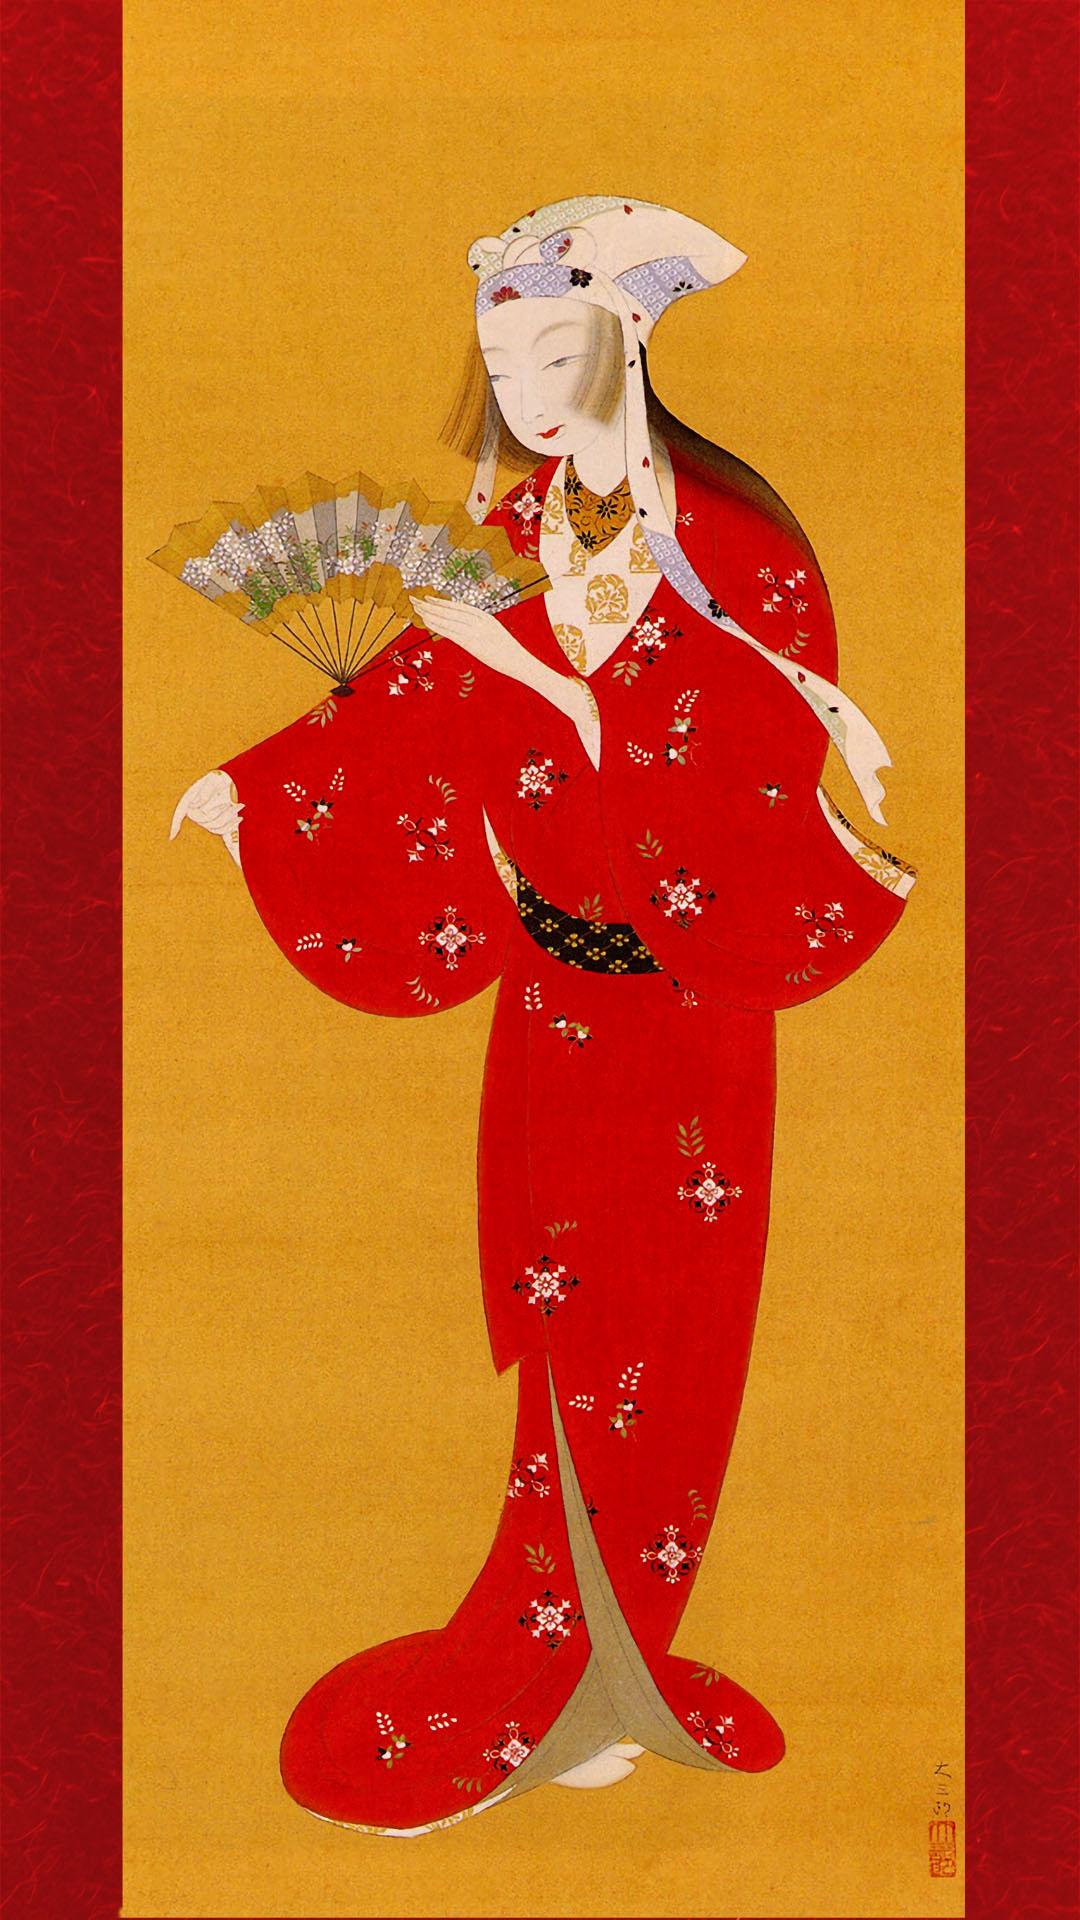 Nakamura Daizaburo - Futari maiko 2 1080x1920